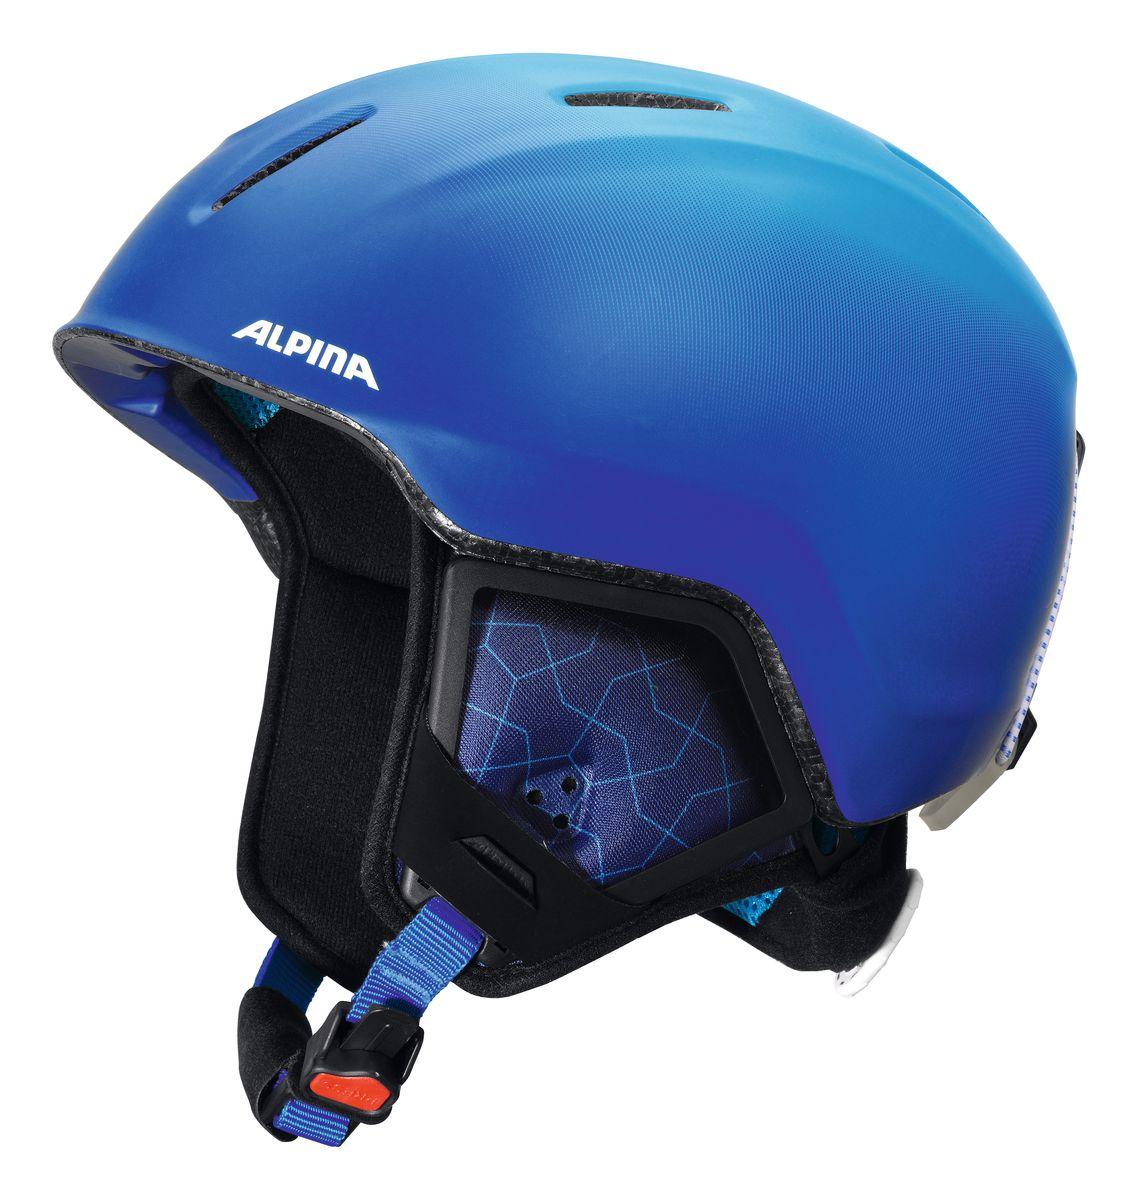 Шлем зимний Alpina Carat Xt, цвет: синий. Размер 54-58. 9080_819080_81Особенности:• Вентиляционные отверстия препятствуют перегреву и позволяют поддерживать идеальную температуру внутри шлема. Для этого инженеры Alpina используют эффект Вентури, чтобы сделать циркуляцию воздуха постоянной и максимально эффективной.• Внутренник шлема легко вынимается, стирается, сушится и вставляется обратно.• Из задней части шлема можно достать шейный утеплитель из мякого микро-флиса. Этот теплый воротник также защищает шею от ударов на высокой скорости и при сибирских морозах. В удобной конструкции отсутствуют точки давления на шею.• Прочная и лёгкая конструкция In-moldInmould - технология, при которой внутренняя оболочка из EPS (вспененного полистирола) покрыта поликарбонатом. Внешняя тонкая жесткая оболочка призвана распределить энергию от удара по всей площади шлема, защитить внутреннюю часть от проникновения острых осколков и сохранить ее форму. Внутренняя толстая мягкая оболочка демпфирует ударную энергию, предохраняя головной мозг от ударов. Такой шлем наиболее легкий и подходит большинству горнолыжников, не бросающих вызов судьбе в поисках адреналина. . Тонкая и прочная поликарбонатная оболочка под воздействием высокой температуры и давления буквально сплавляется с гранулами EPSВспенивающийся полистирол (ПСВ) являлся изоляционным полимерным материалом. Каждая гранула состоит из равномерно распределенных микроскопических плотных клеток заполненных воздухом. Пенополистирол на 98% состоит из воздуха и только на 2% из полистирола. Такая структура и придает замечательные свойства материалу, получившему заслуженное признание во всем мире. Прочность пенополистирола позволяет применять его в качестве конструктивного элемента, способного нести значительные нагрузки в течение длительного времени. Пенополистирол не гигроскопичен, он обладает хорошими механическими и изоляционными свойствами и значительной конструкционной гибкостью., которые гасят ударную нагрузку.• Внутренная оболочка 